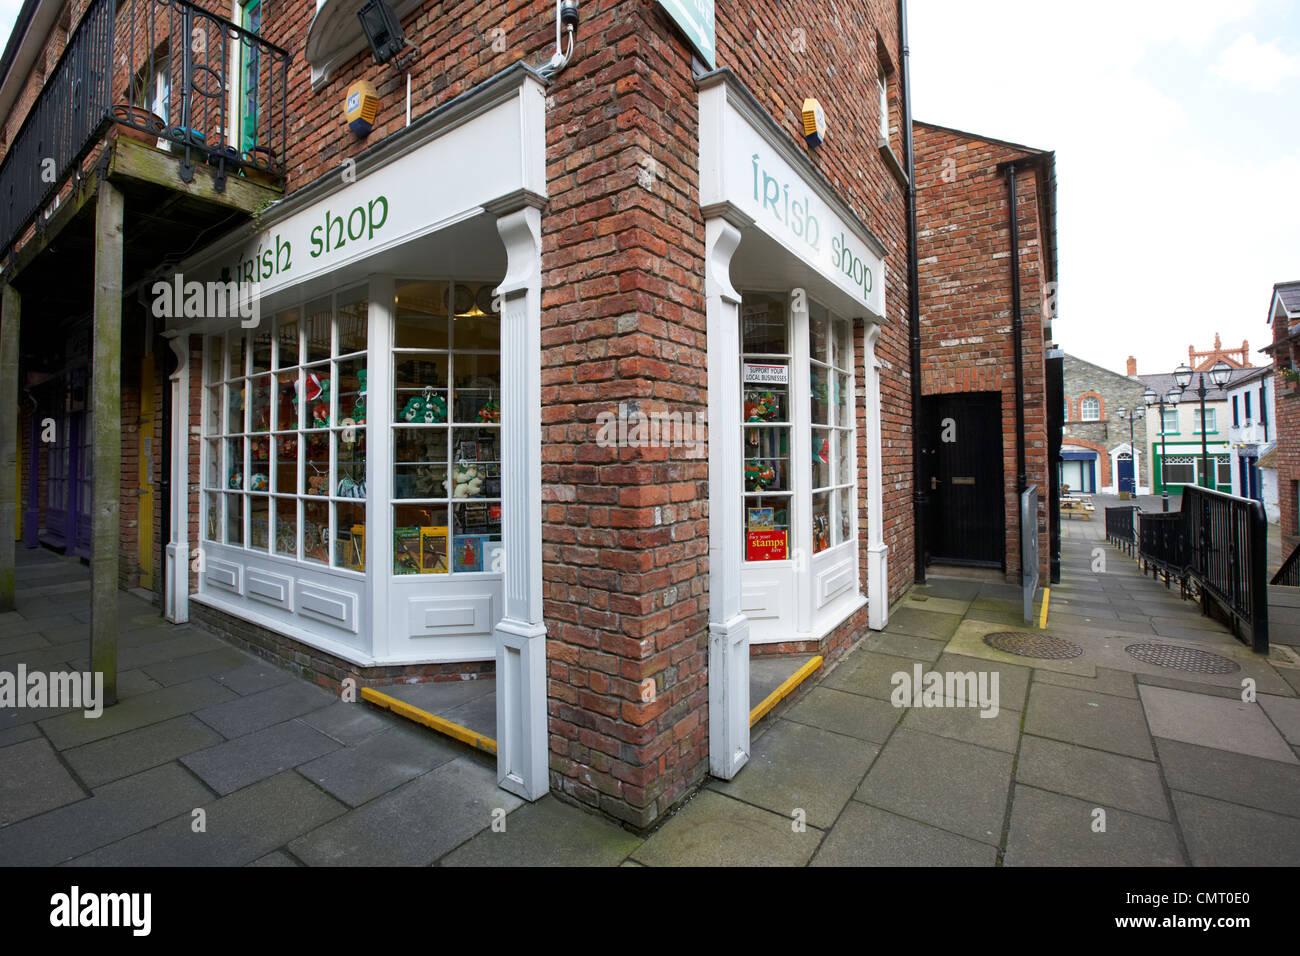 Boutique de souvenirs irlandais de Derry derry village artisanal le comté de Londonderry en Irlande du Nord Photo Stock